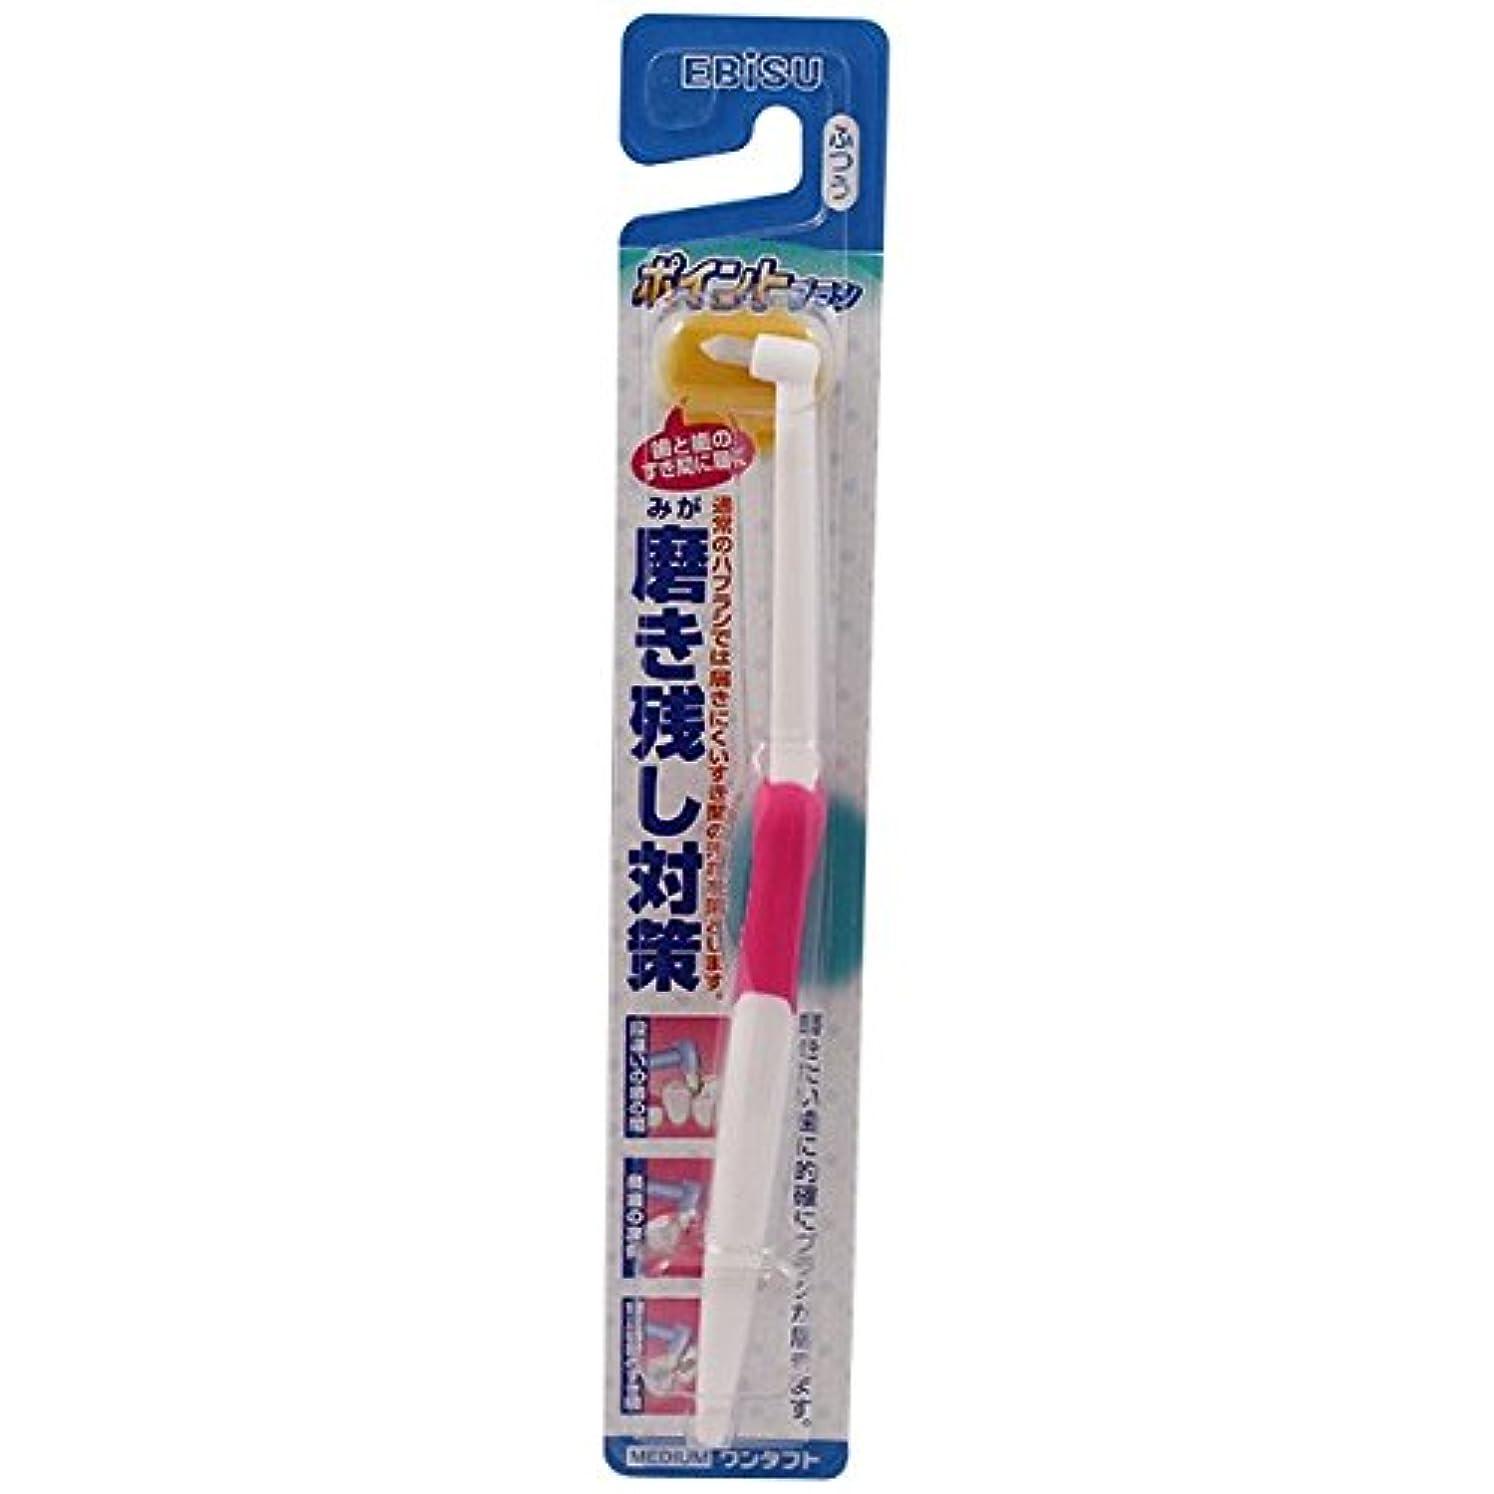 払い戻し不良品規則性エビス ポイントブラシ ふつう 1本 (歯垢対策歯ブラシ) ペングリップラバー ×120点セット (4901221020401)